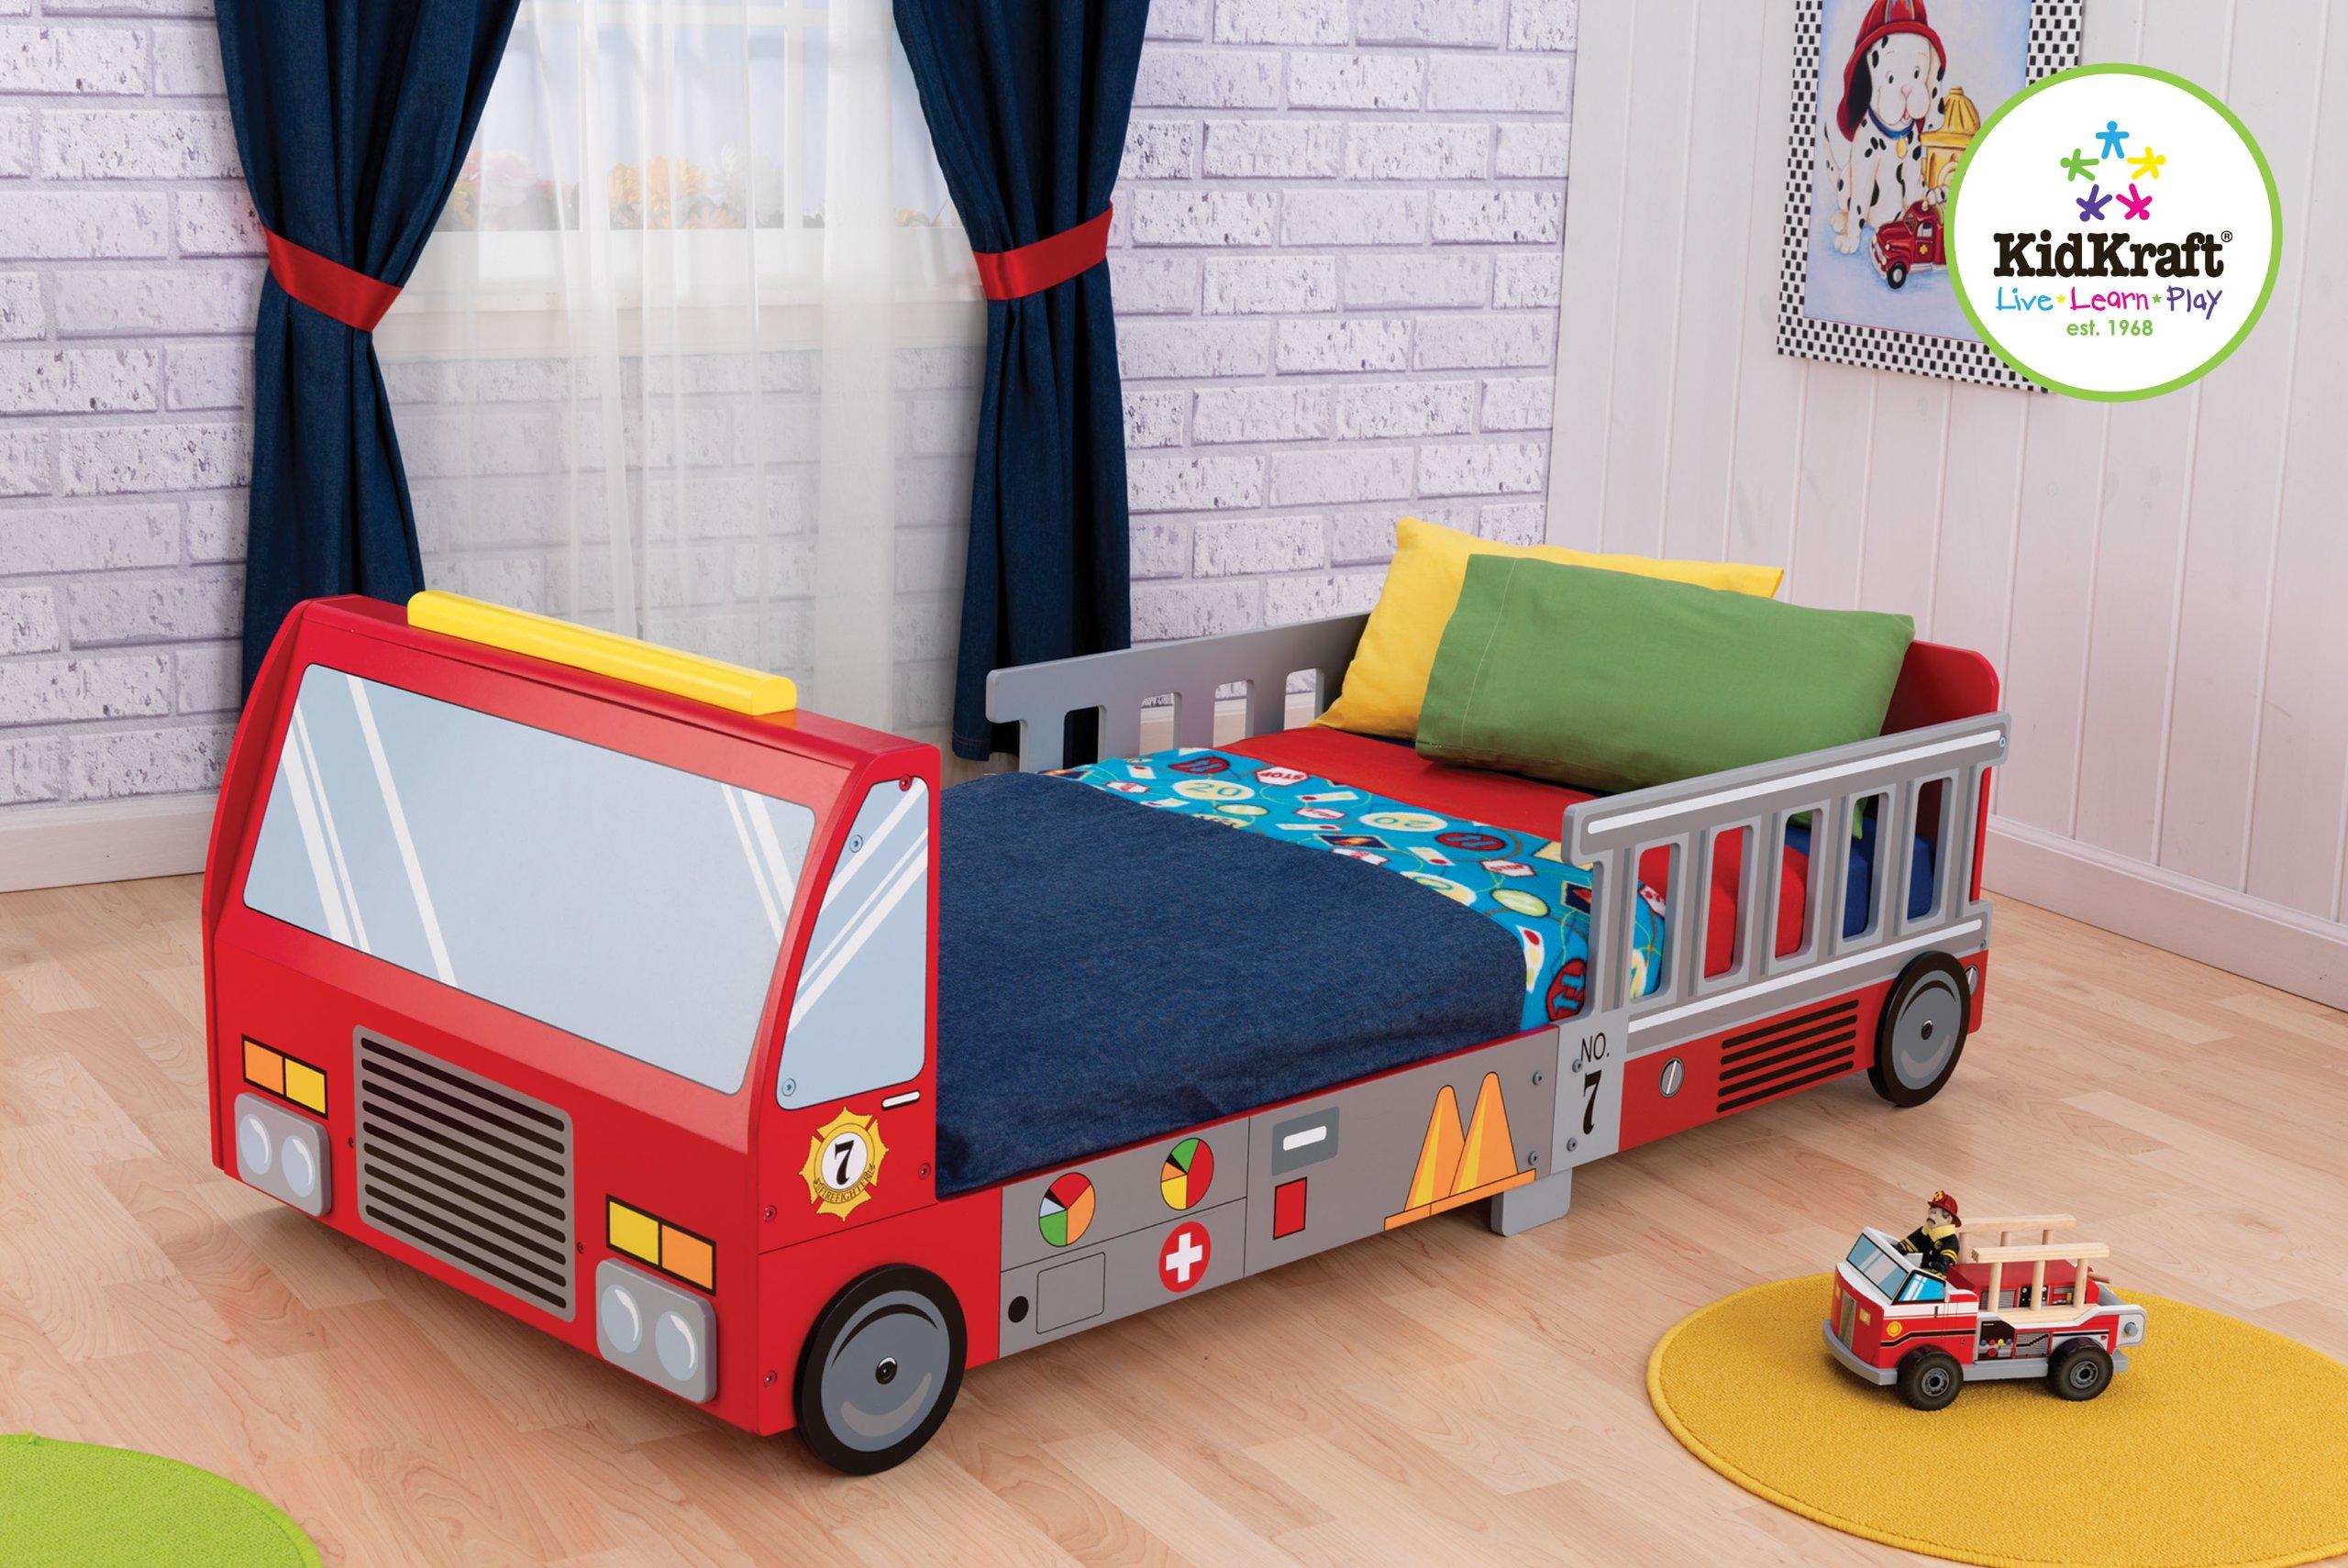 KidKraft Fire Truck Toddler Bed Red, 59.2 x 28.8 x 21